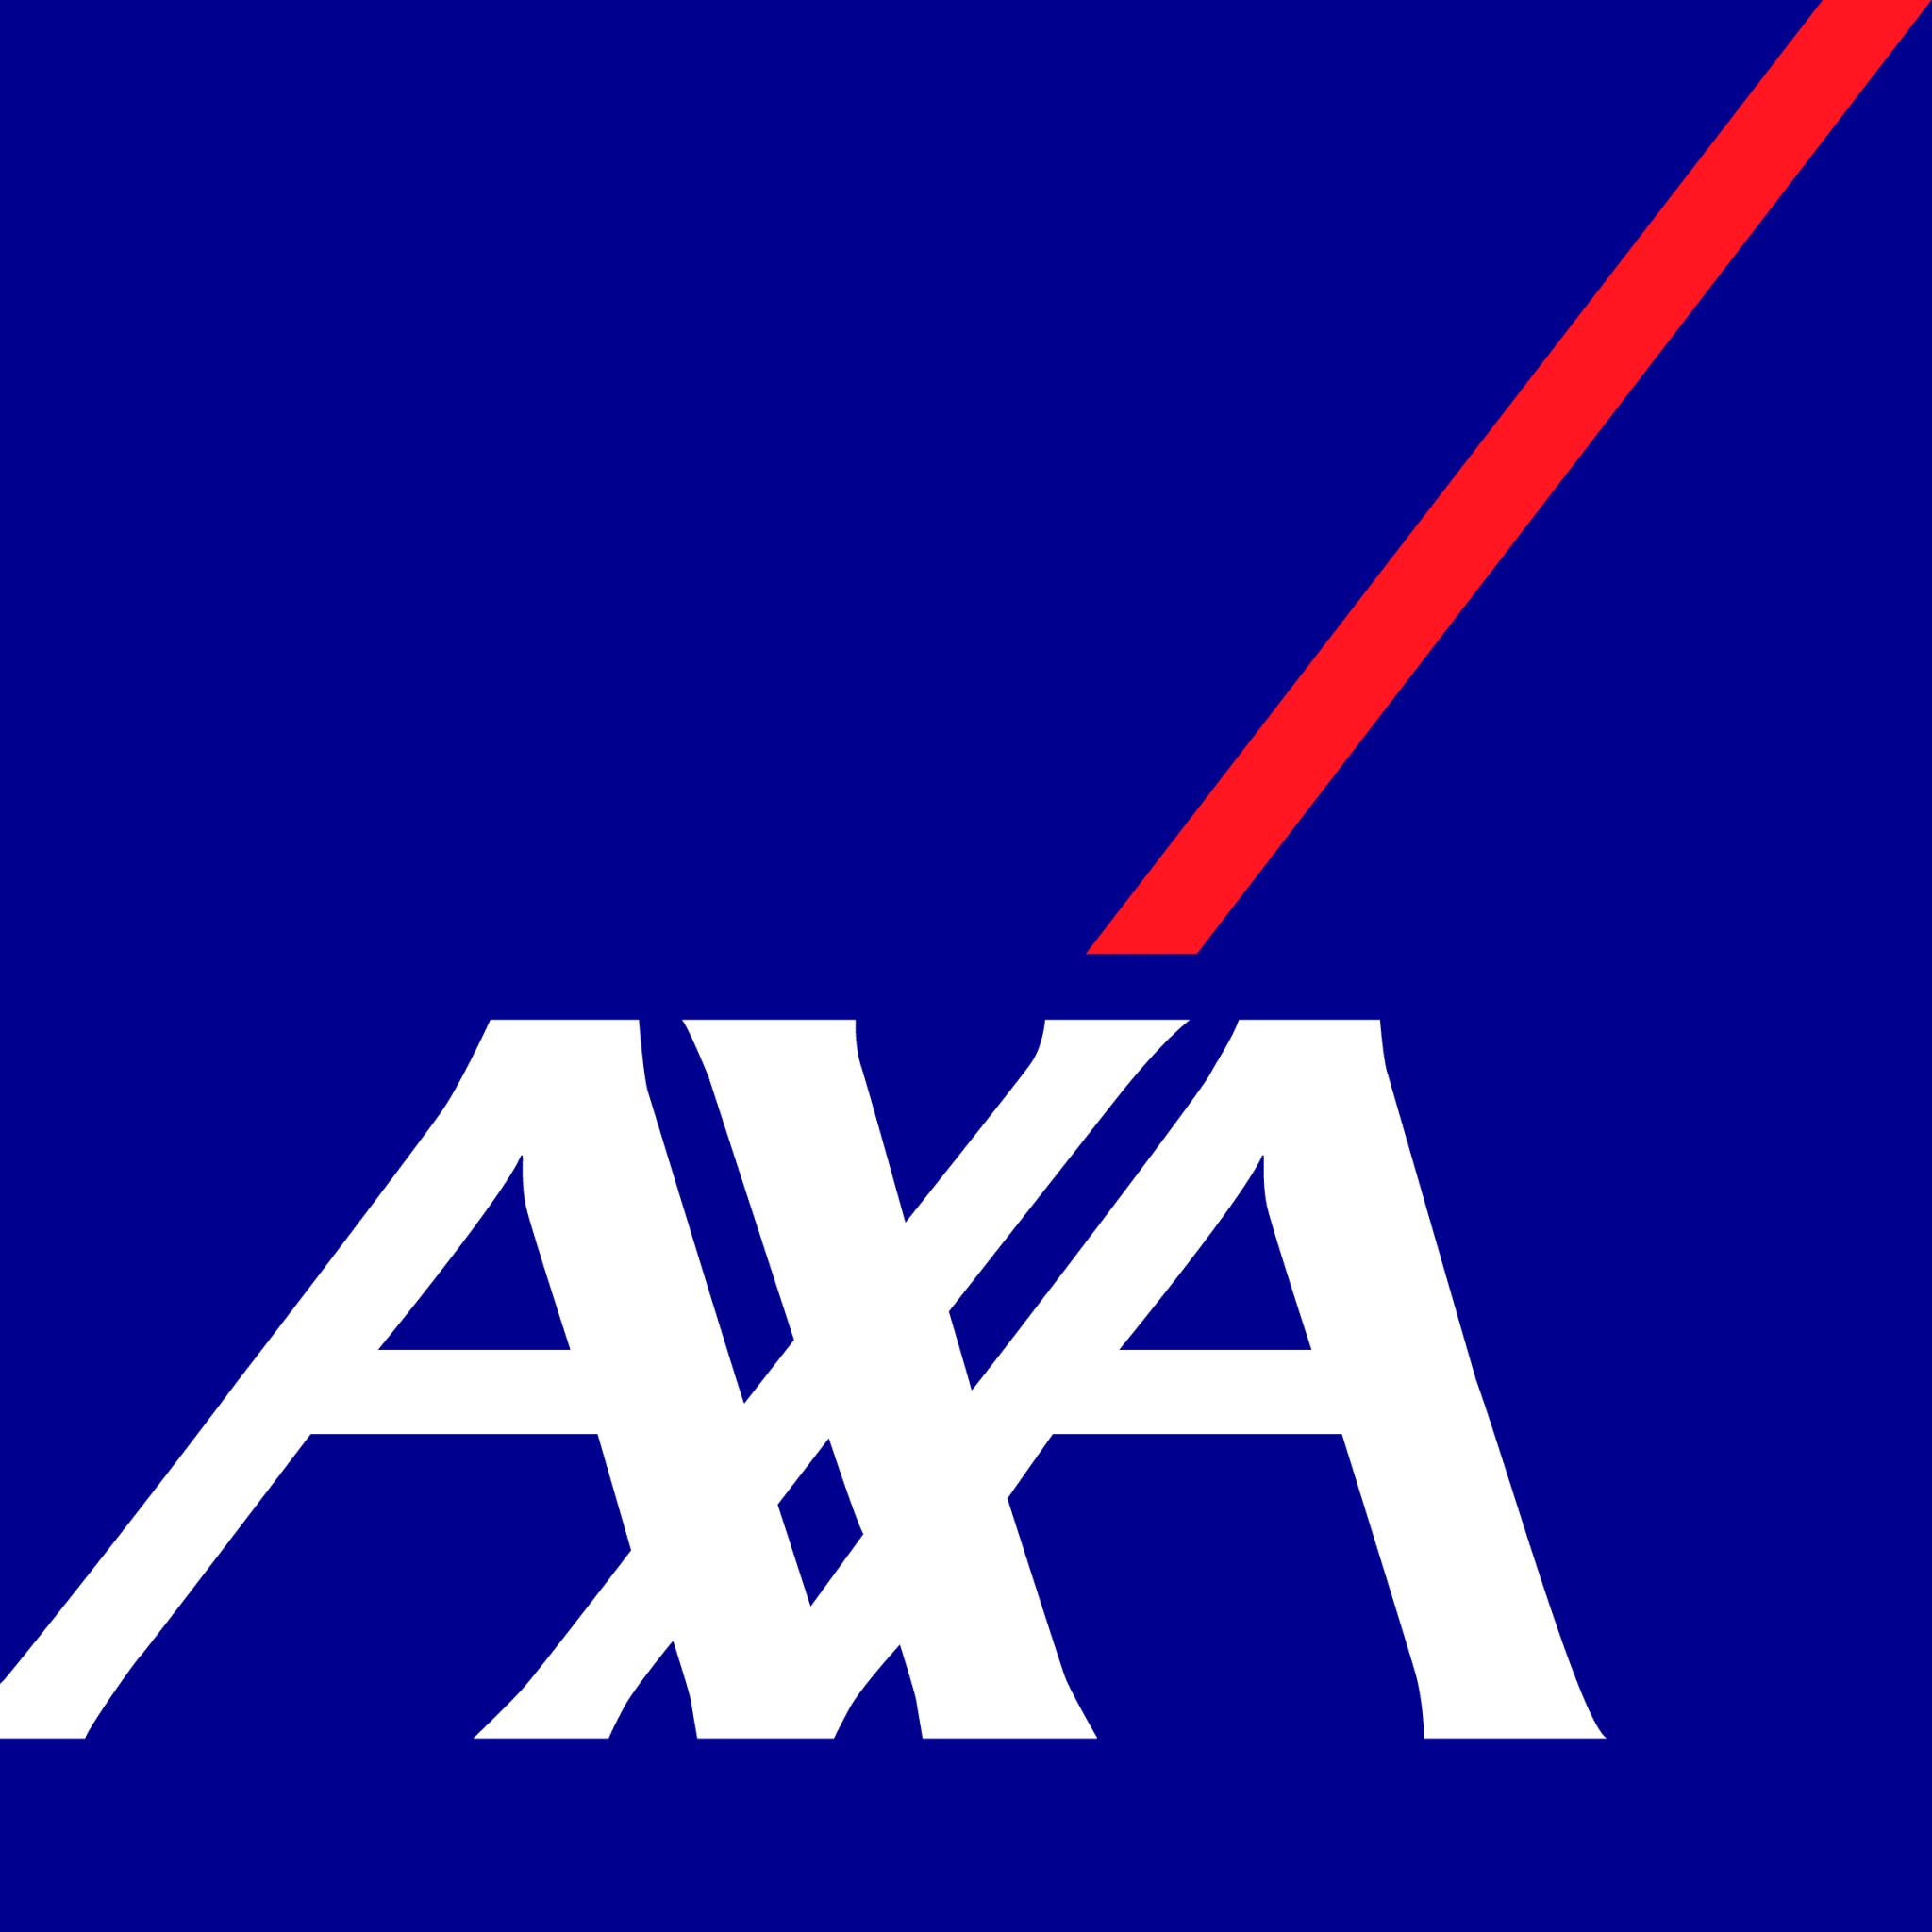 AFD partenaire en recherche de fuite d'eau d'Axa assurances